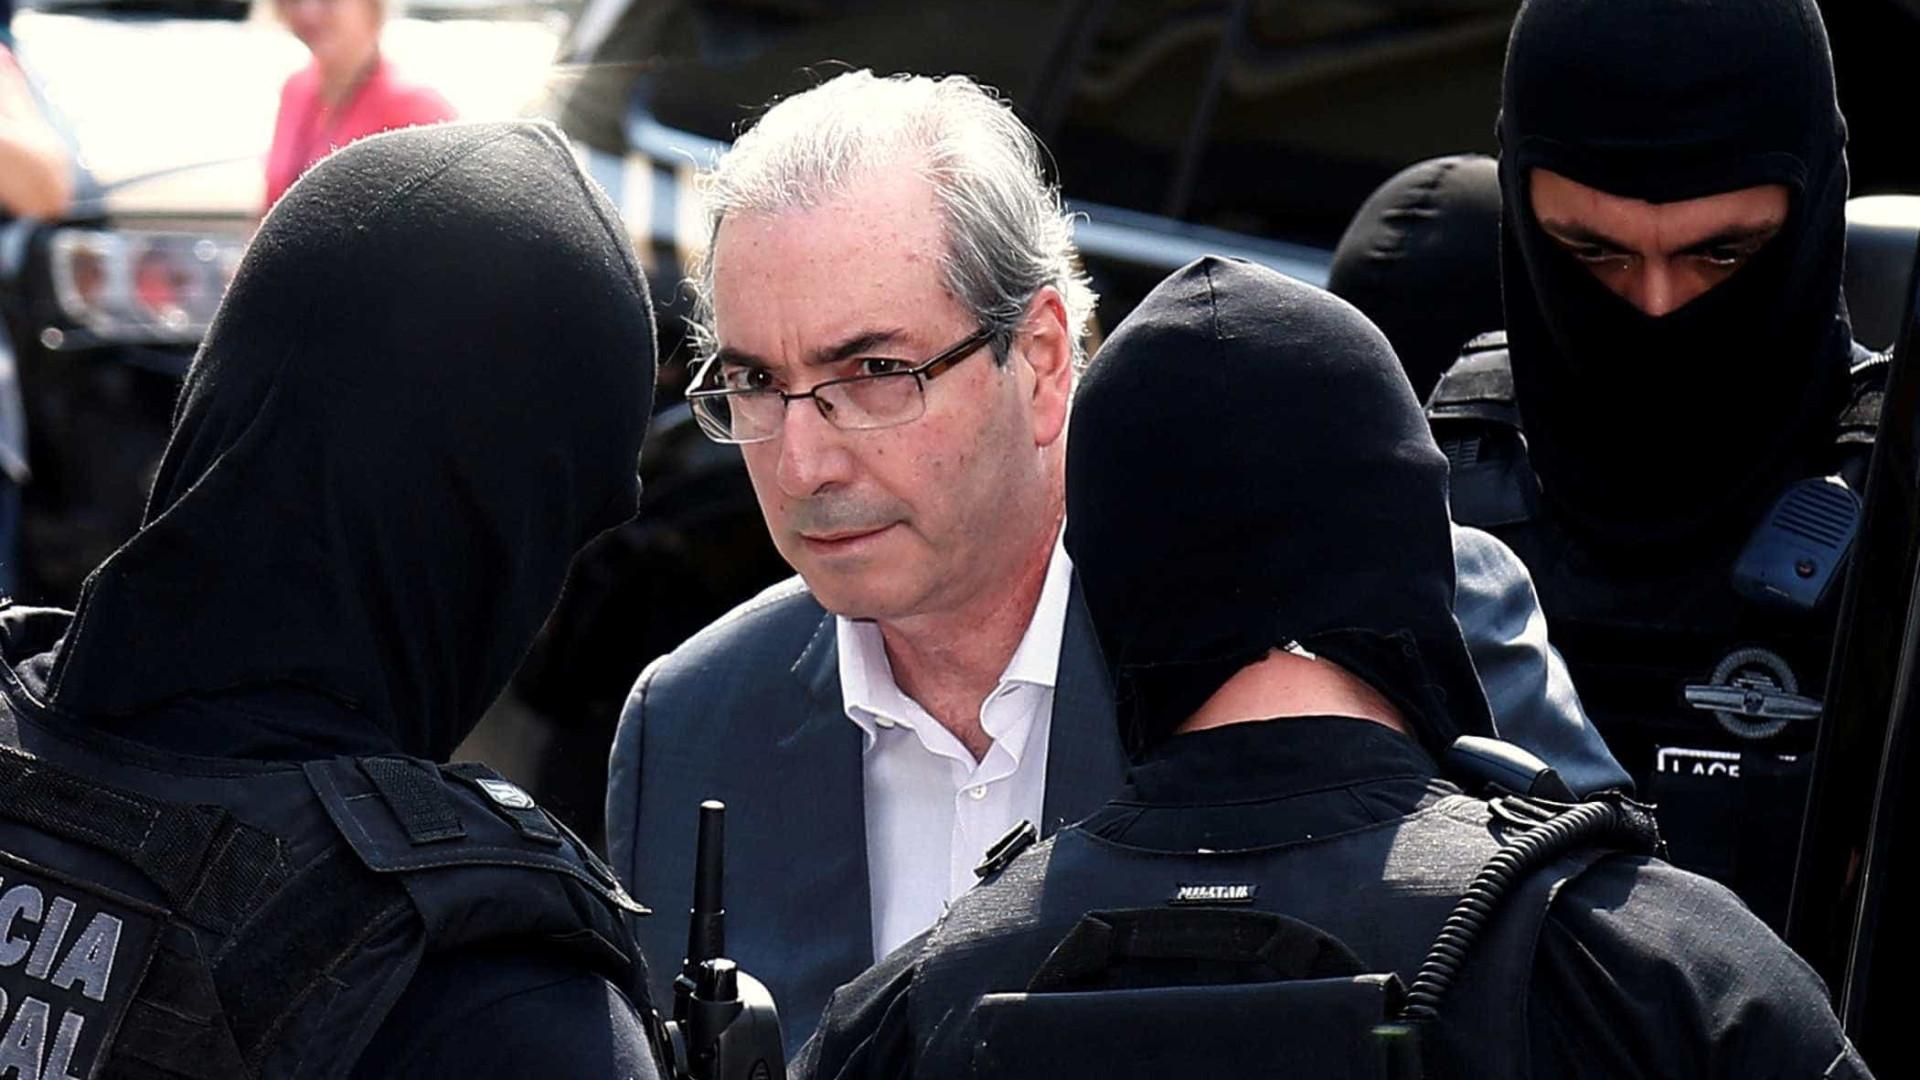 Ministros do STF discutem concessão  de habeas corpus a Cunha